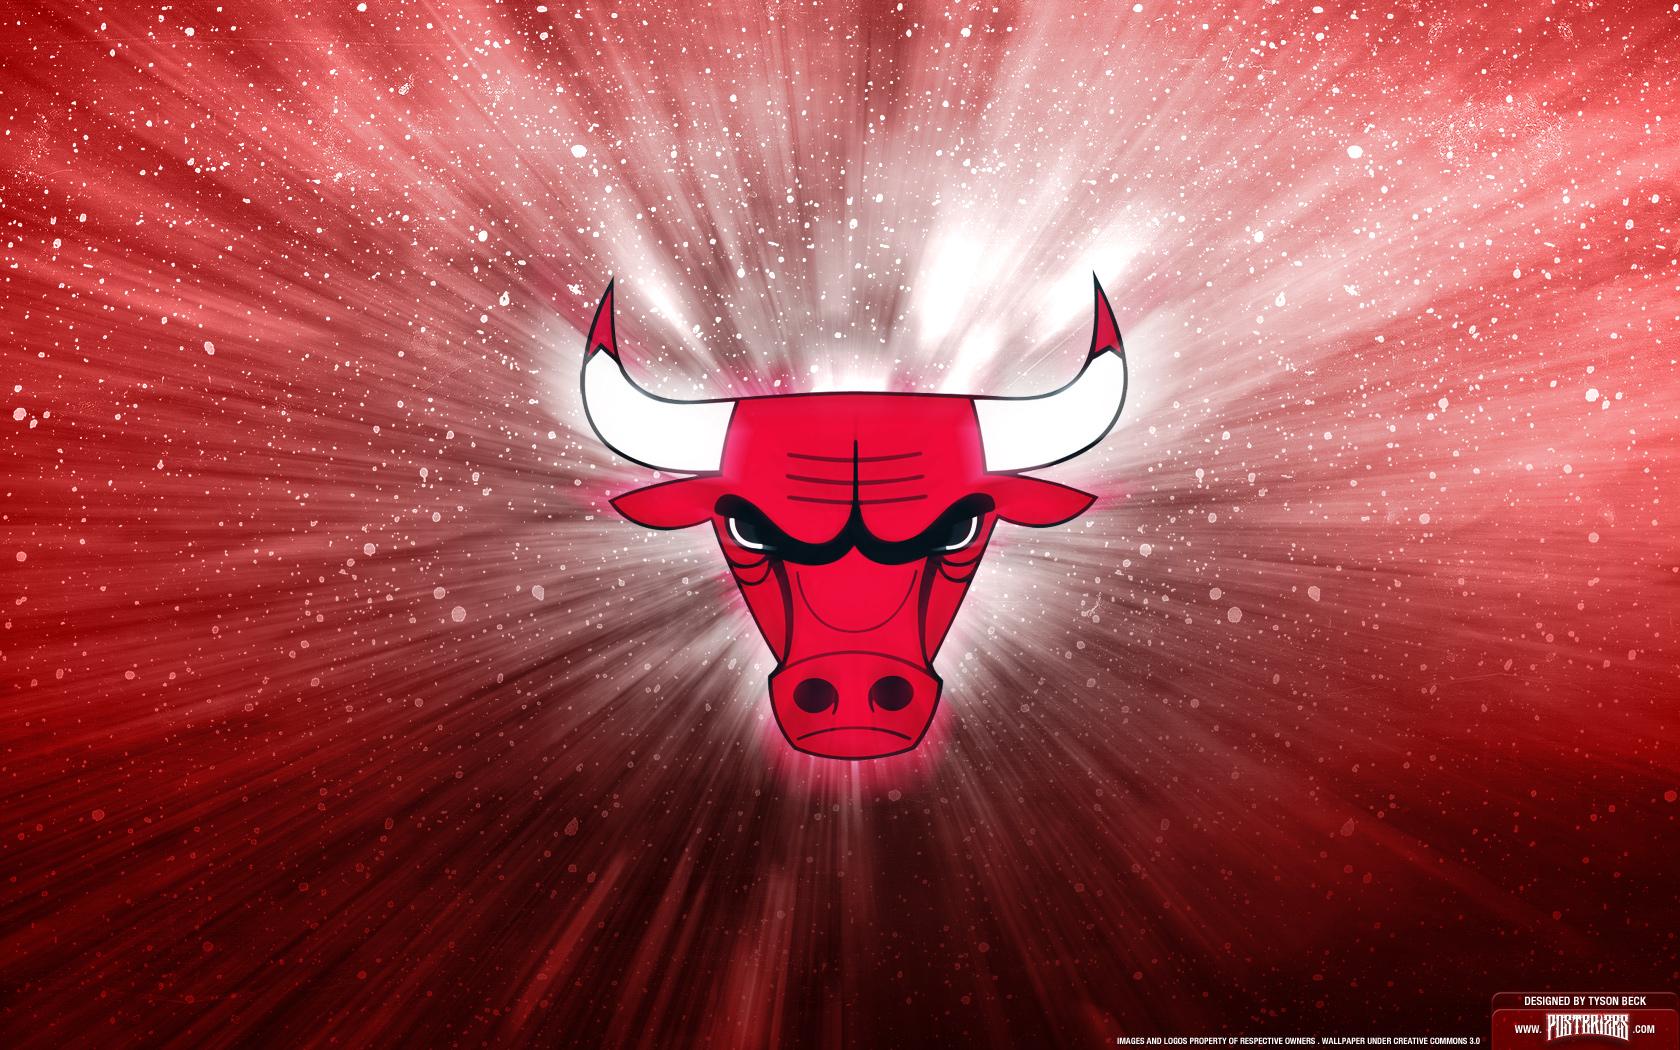 Chicago bulls t dog media chicago bulls voltagebd Gallery